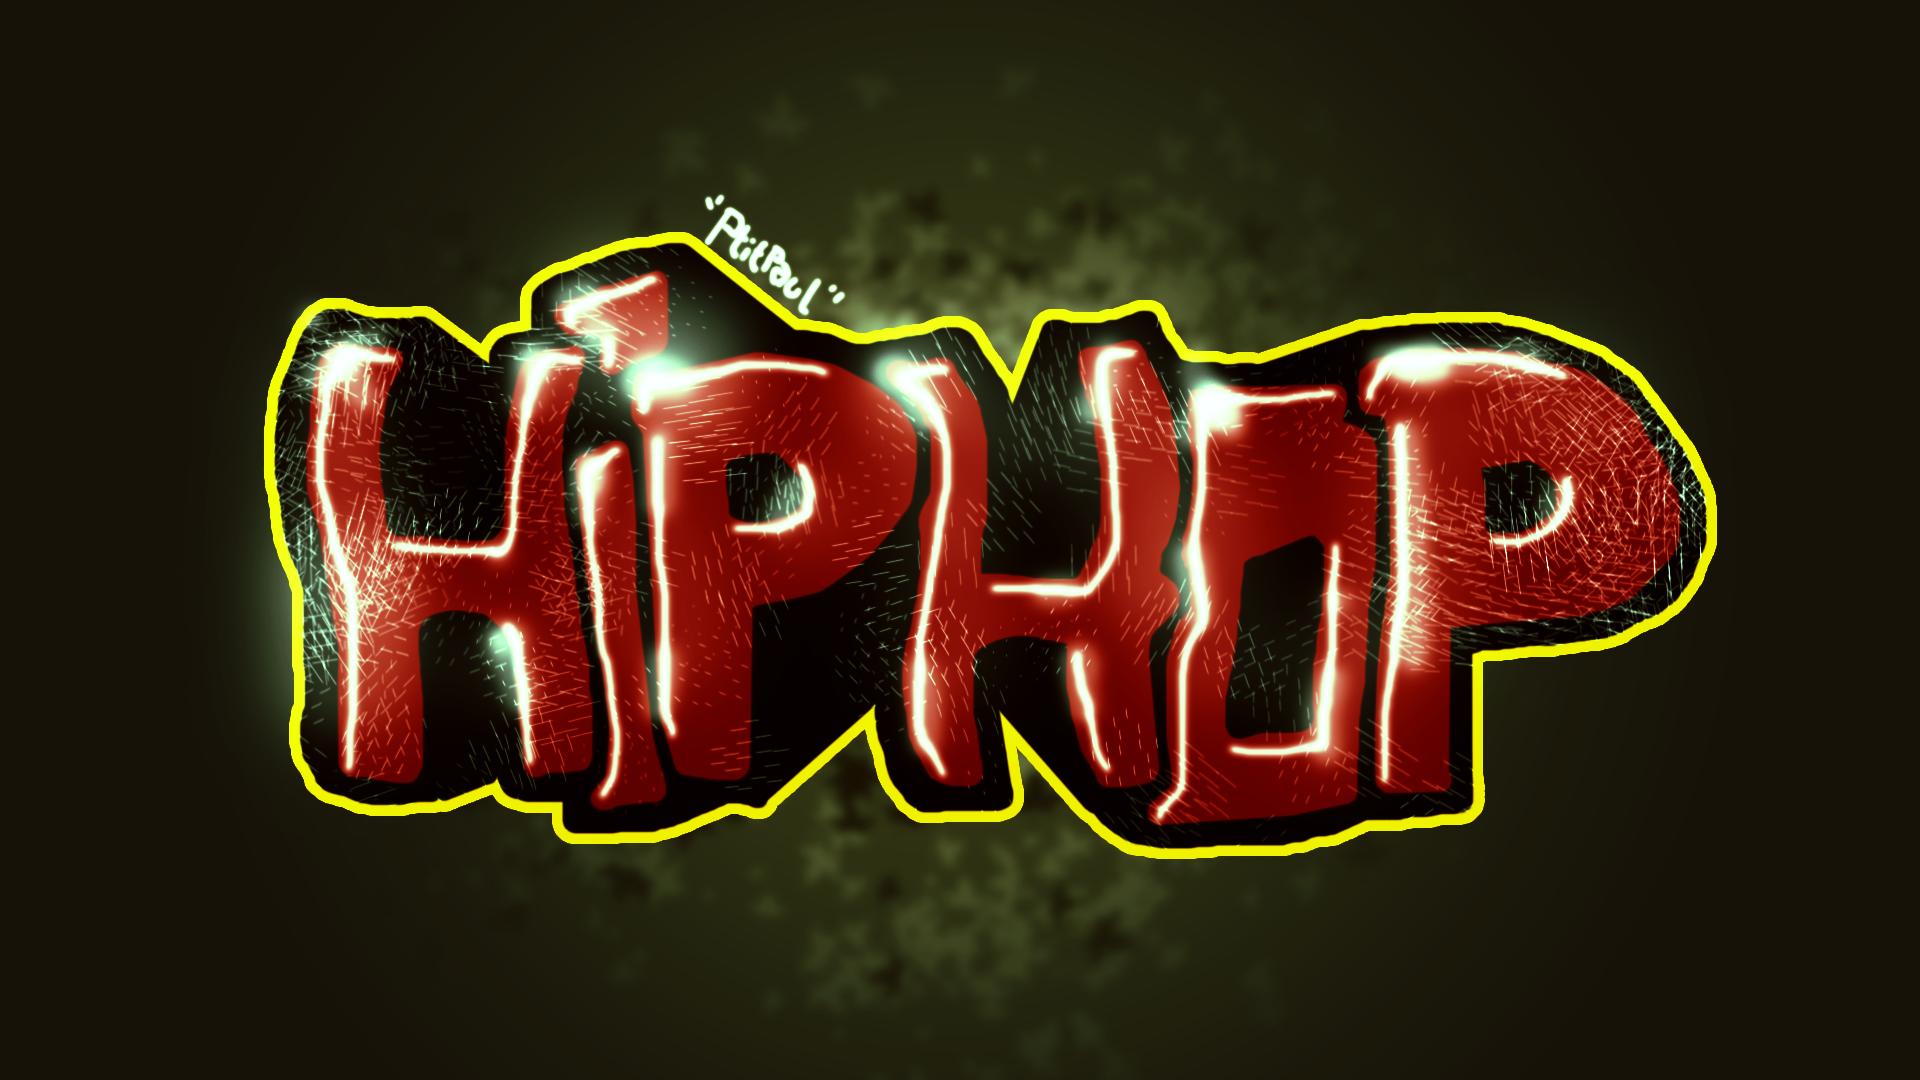 Graffiti Tattoo Images...